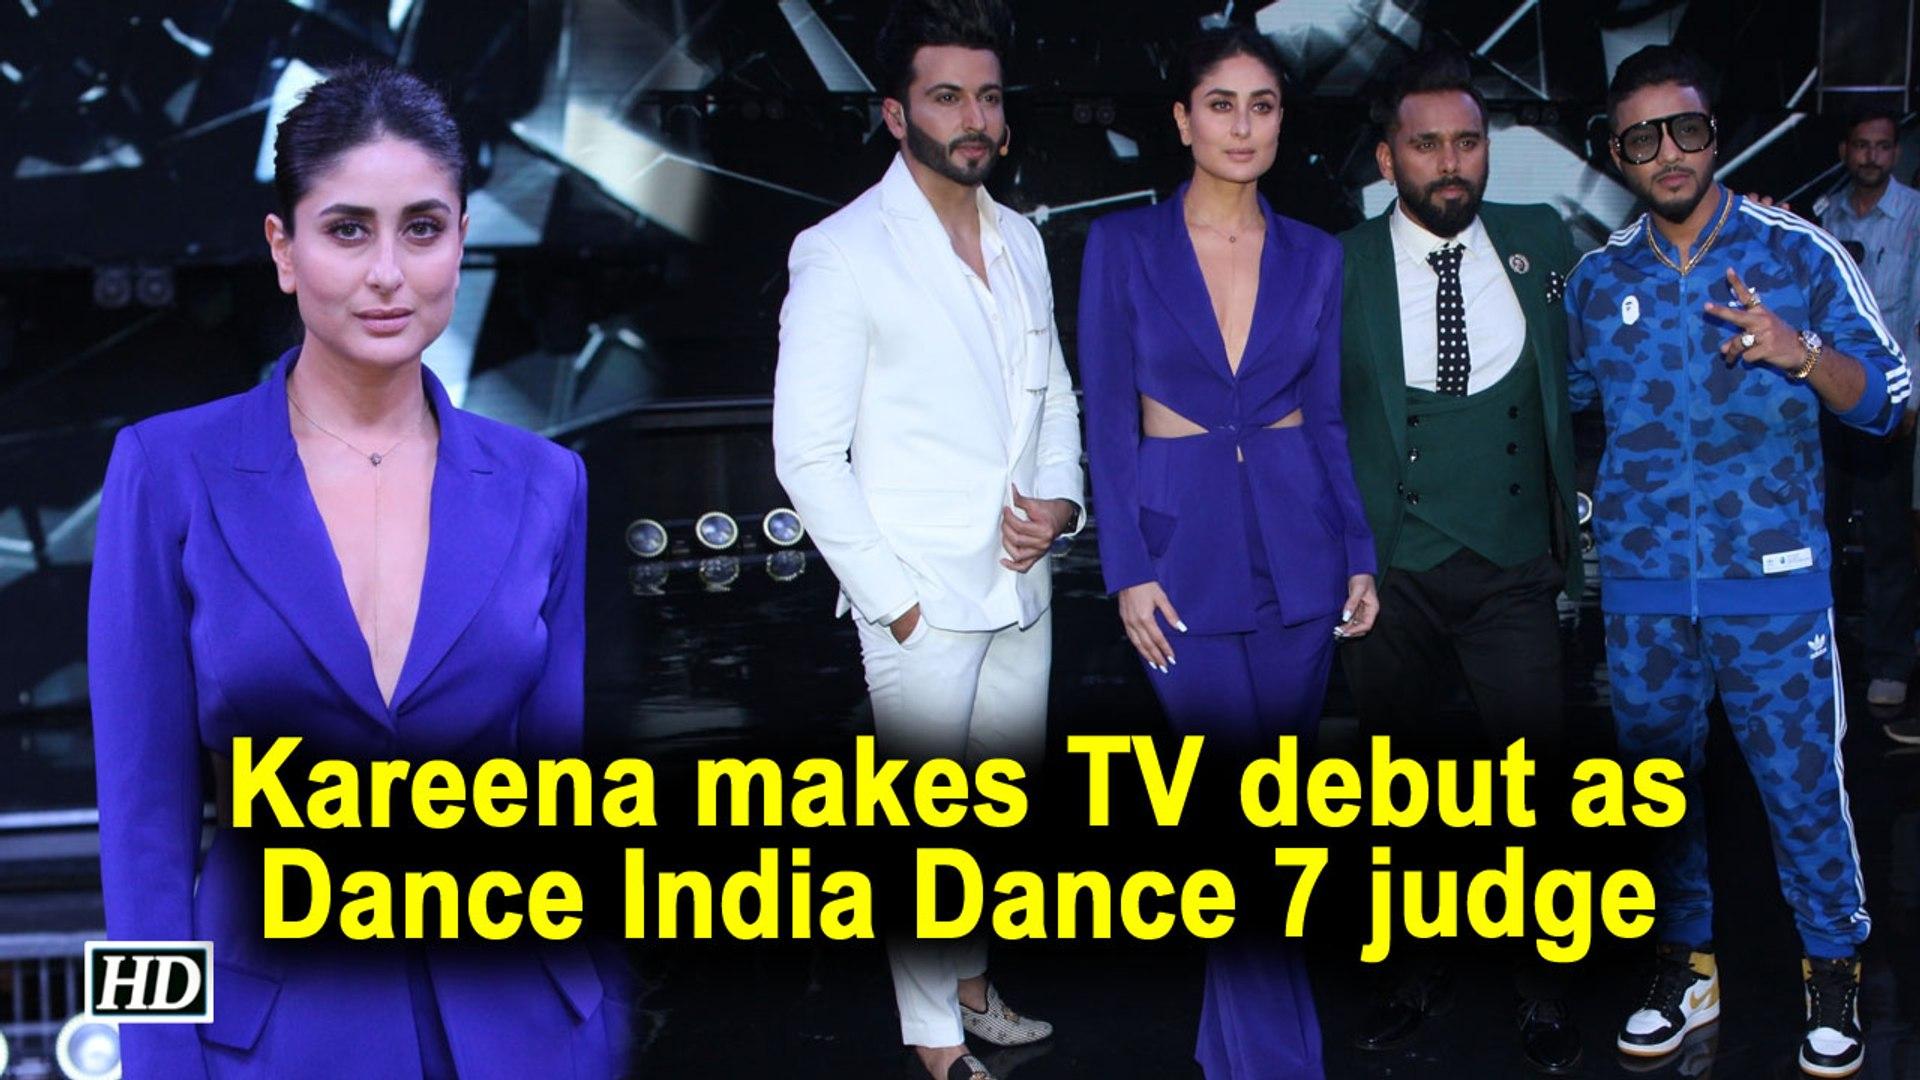 Kareena Kapoor Khan makes TV debut as judge of Dance India Dance 7